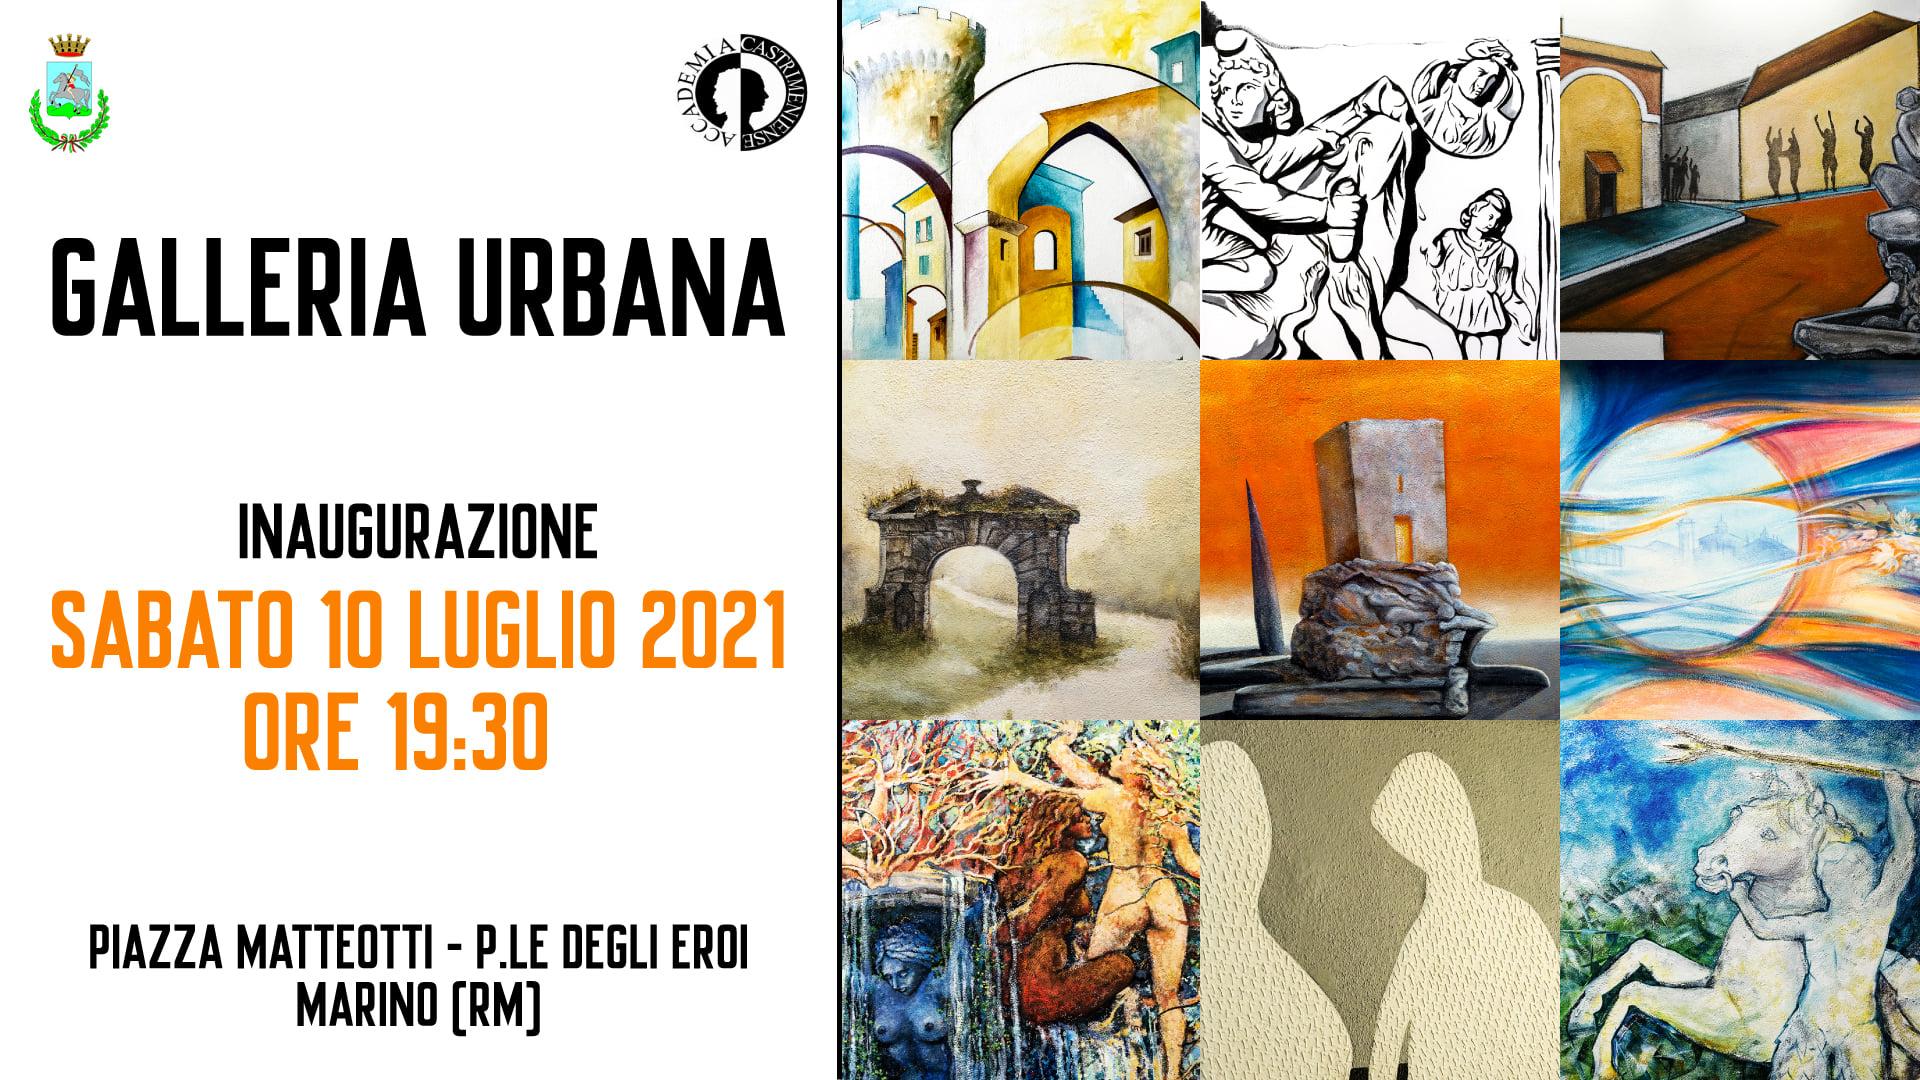 INAUGURAZIONE SOTTOPASSO Galleria Urbana.